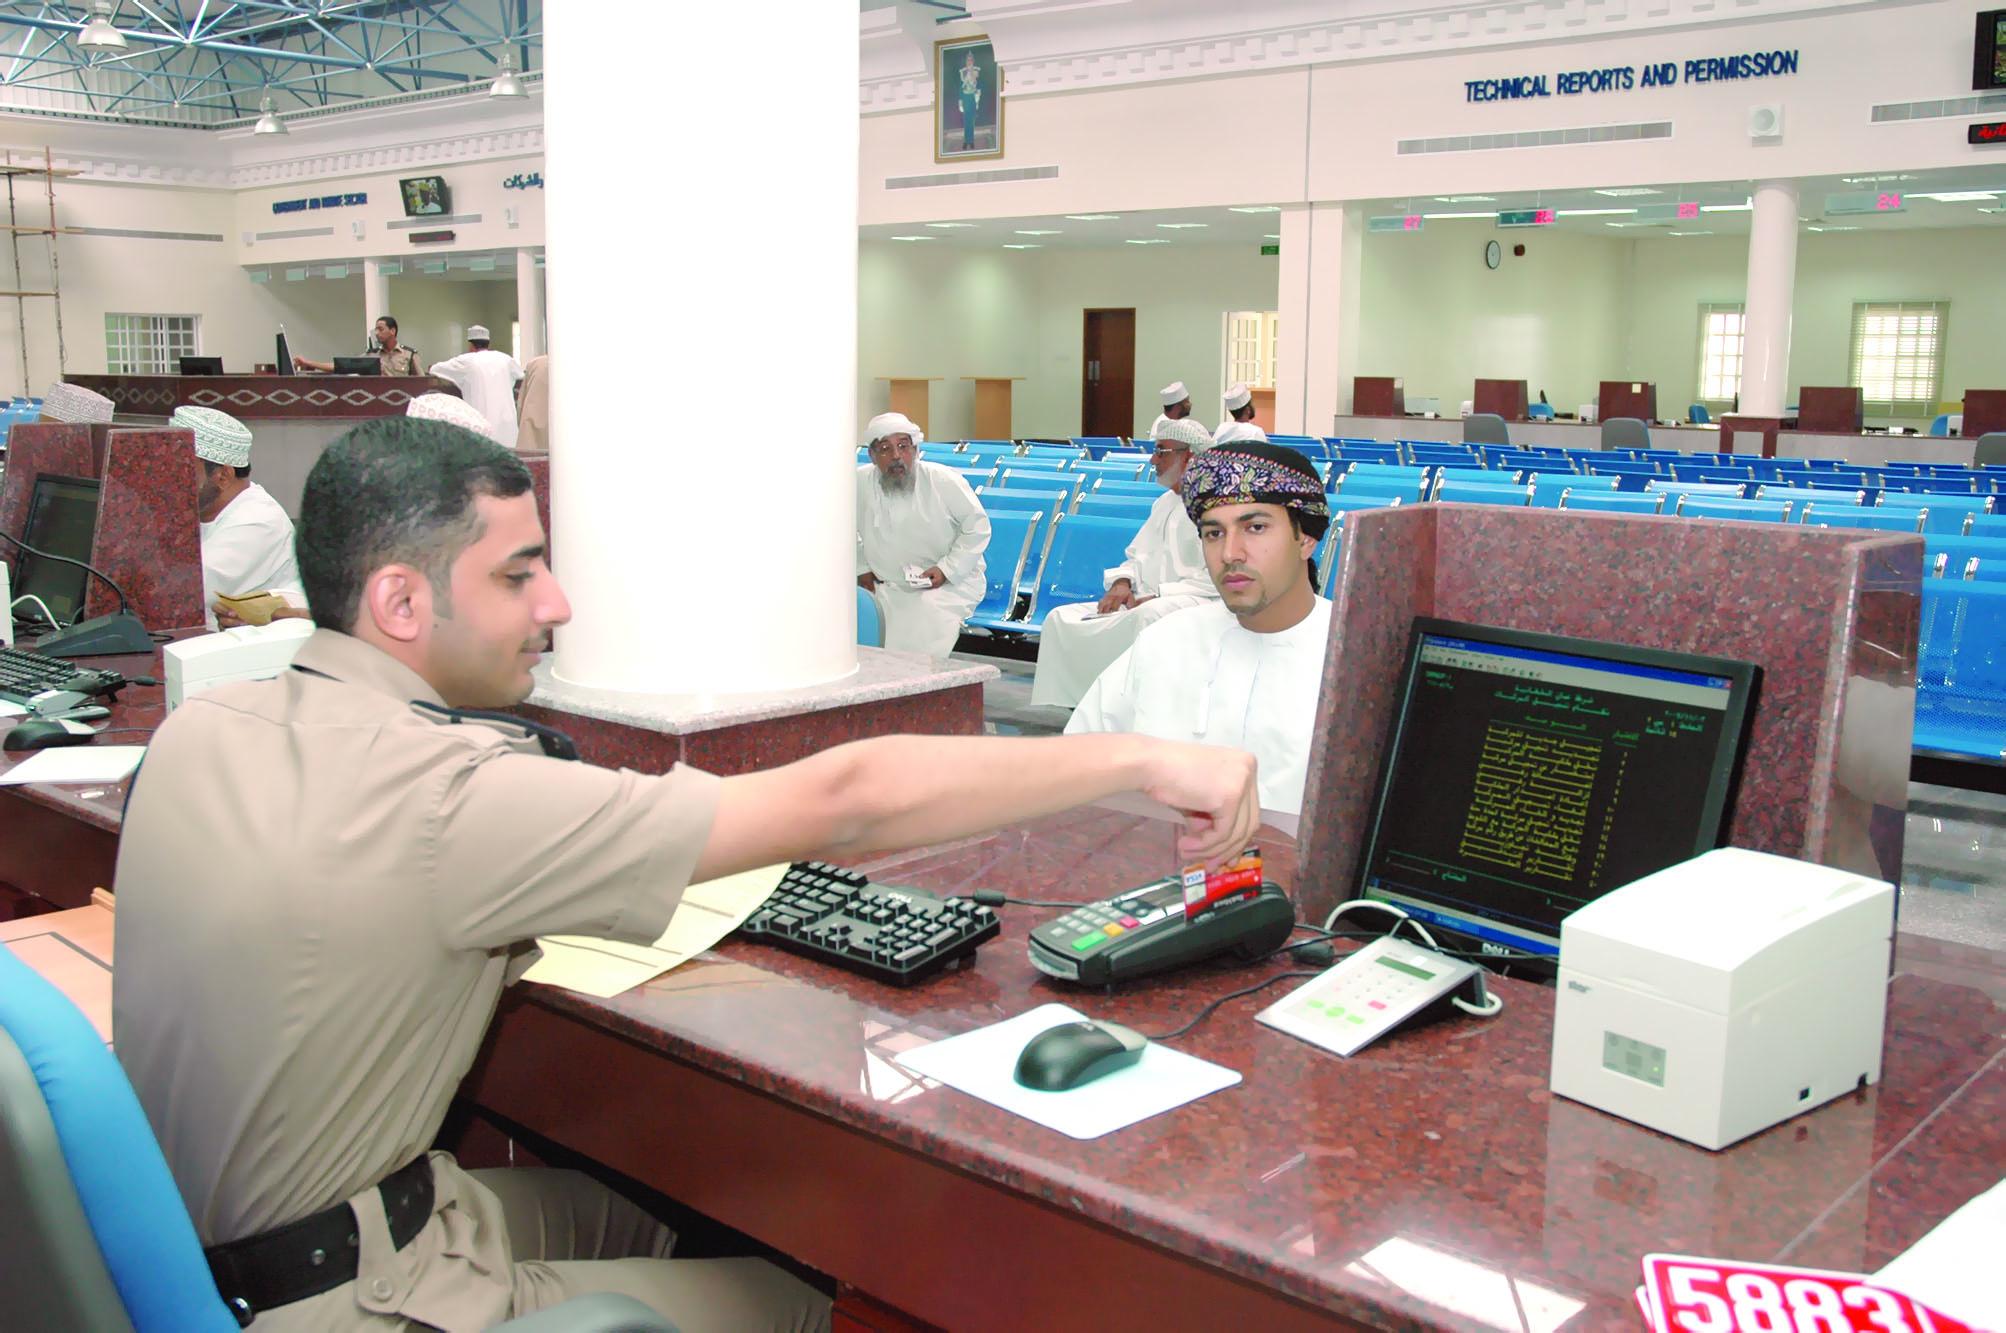 وفق استطلاع أجرته هيئة تقنية المعلومات.. شرطة عُمان السلطانية تحصل على أعلى مستويات رضا الأفراد